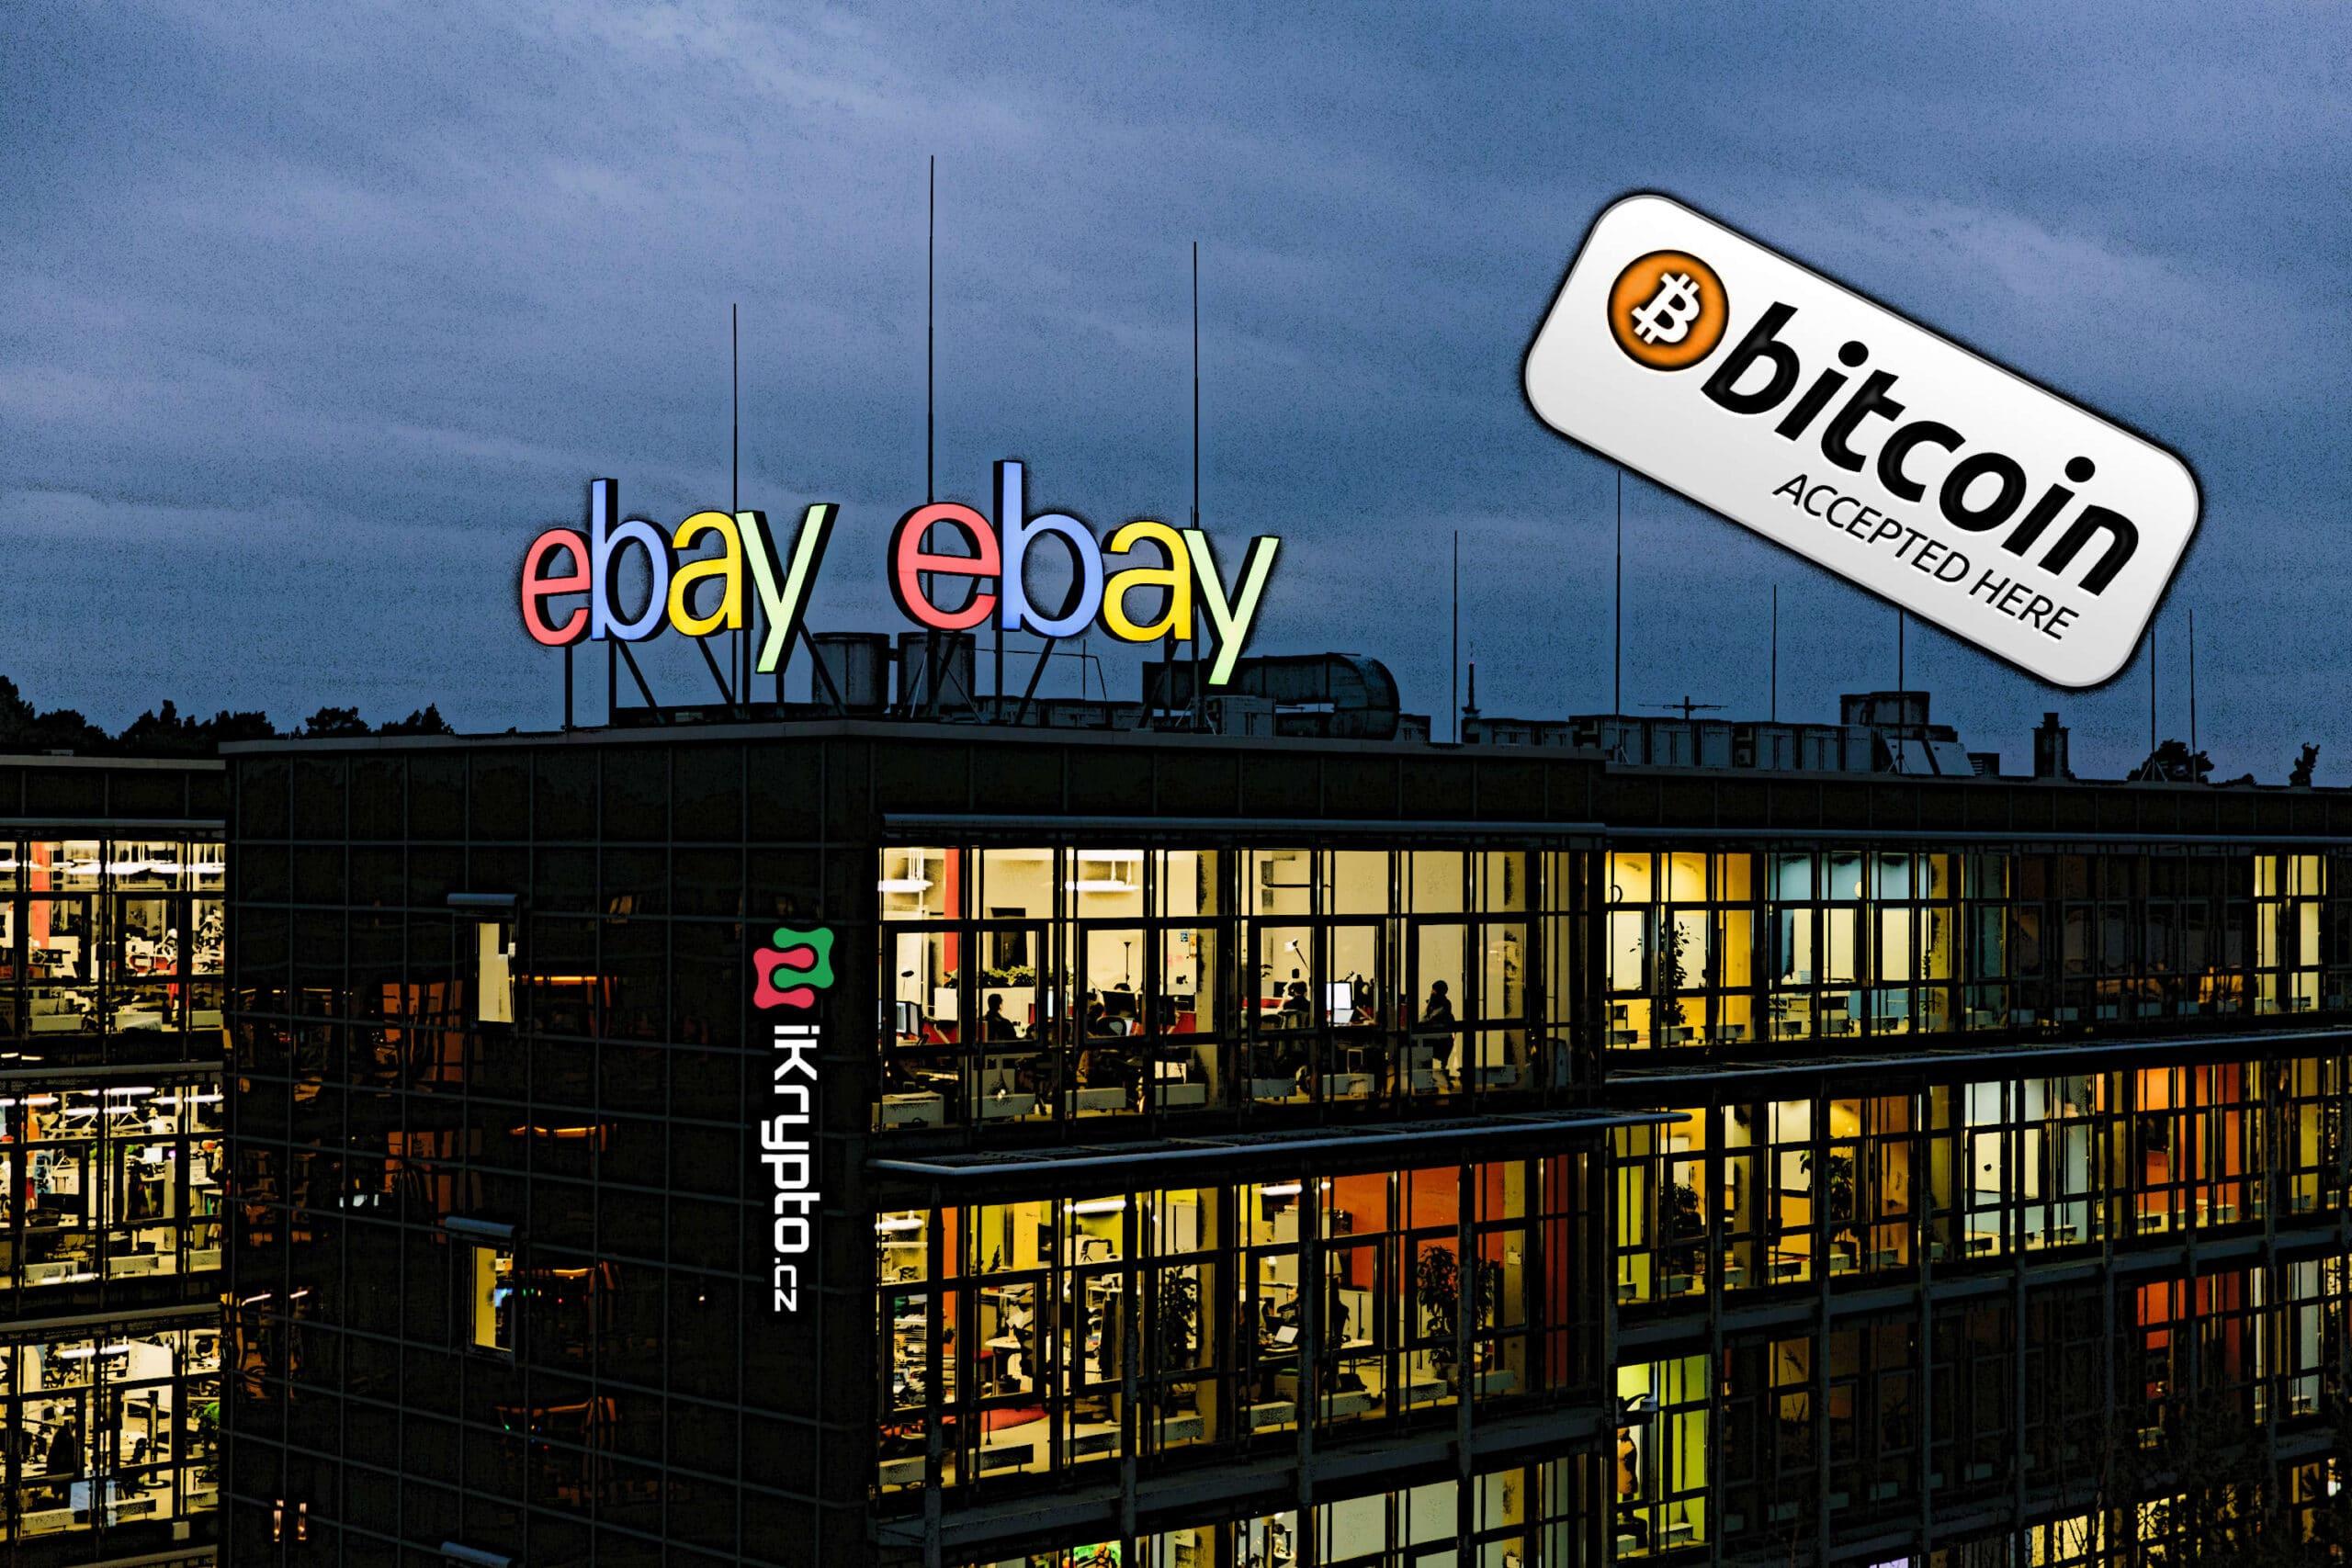 ebay zacit prijimat kryptomeny